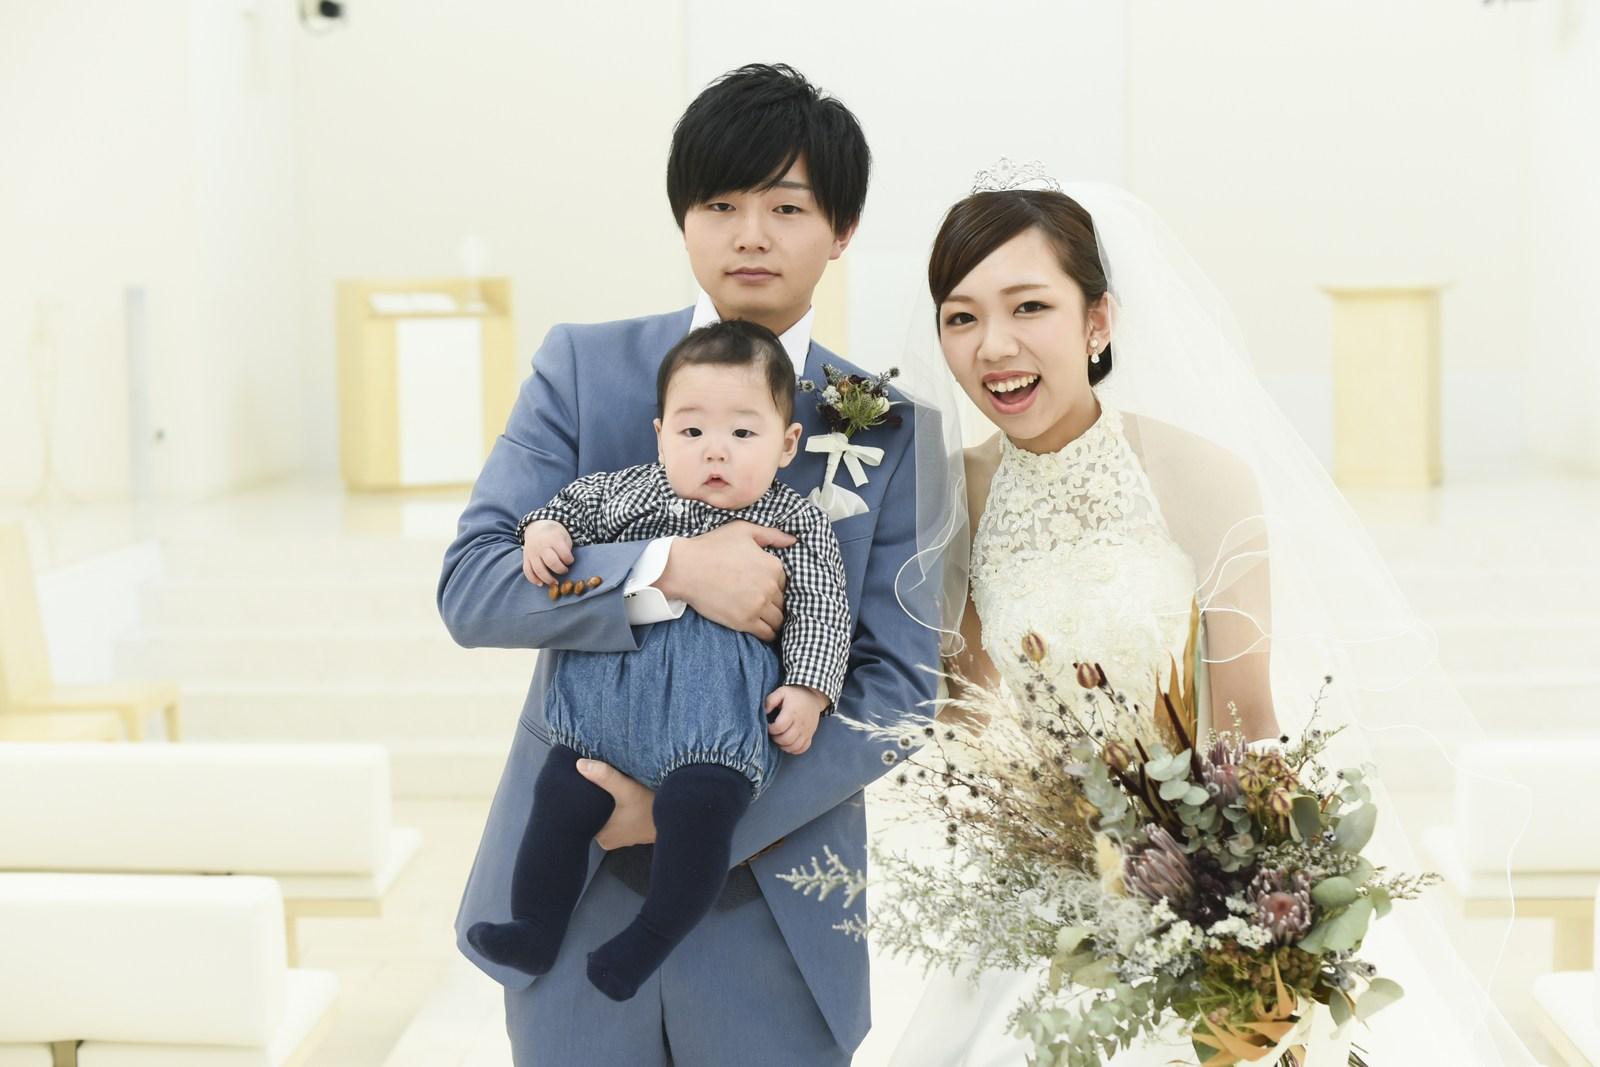 徳島市の結婚式場ブランアンジュで挙式をされた新郎新婦さま